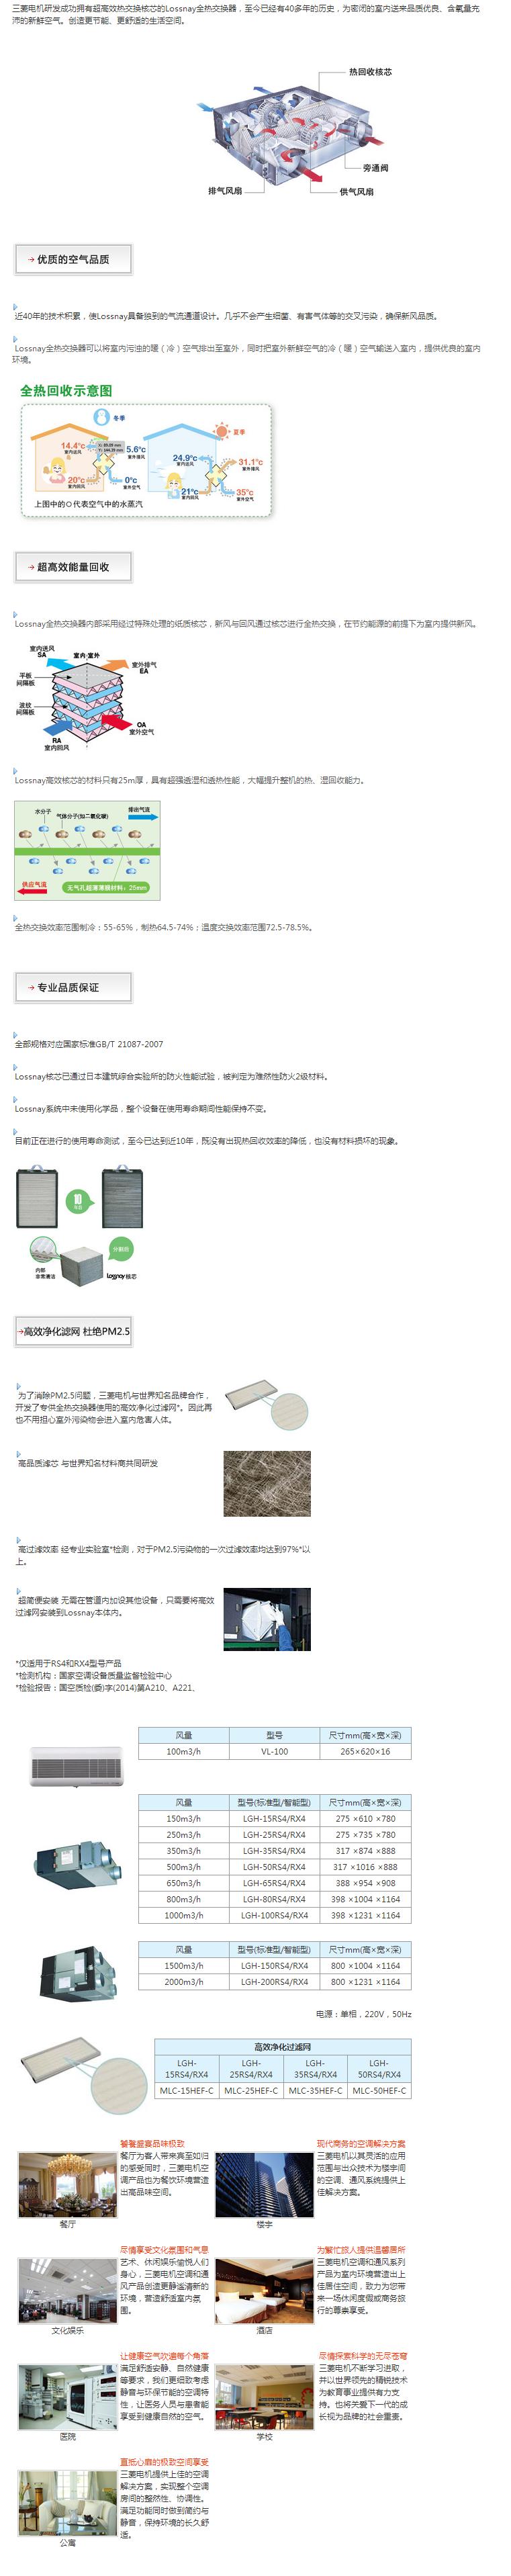 产品中心 三菱重工 商用 lossnay全热交换器  产品参数 相关推荐